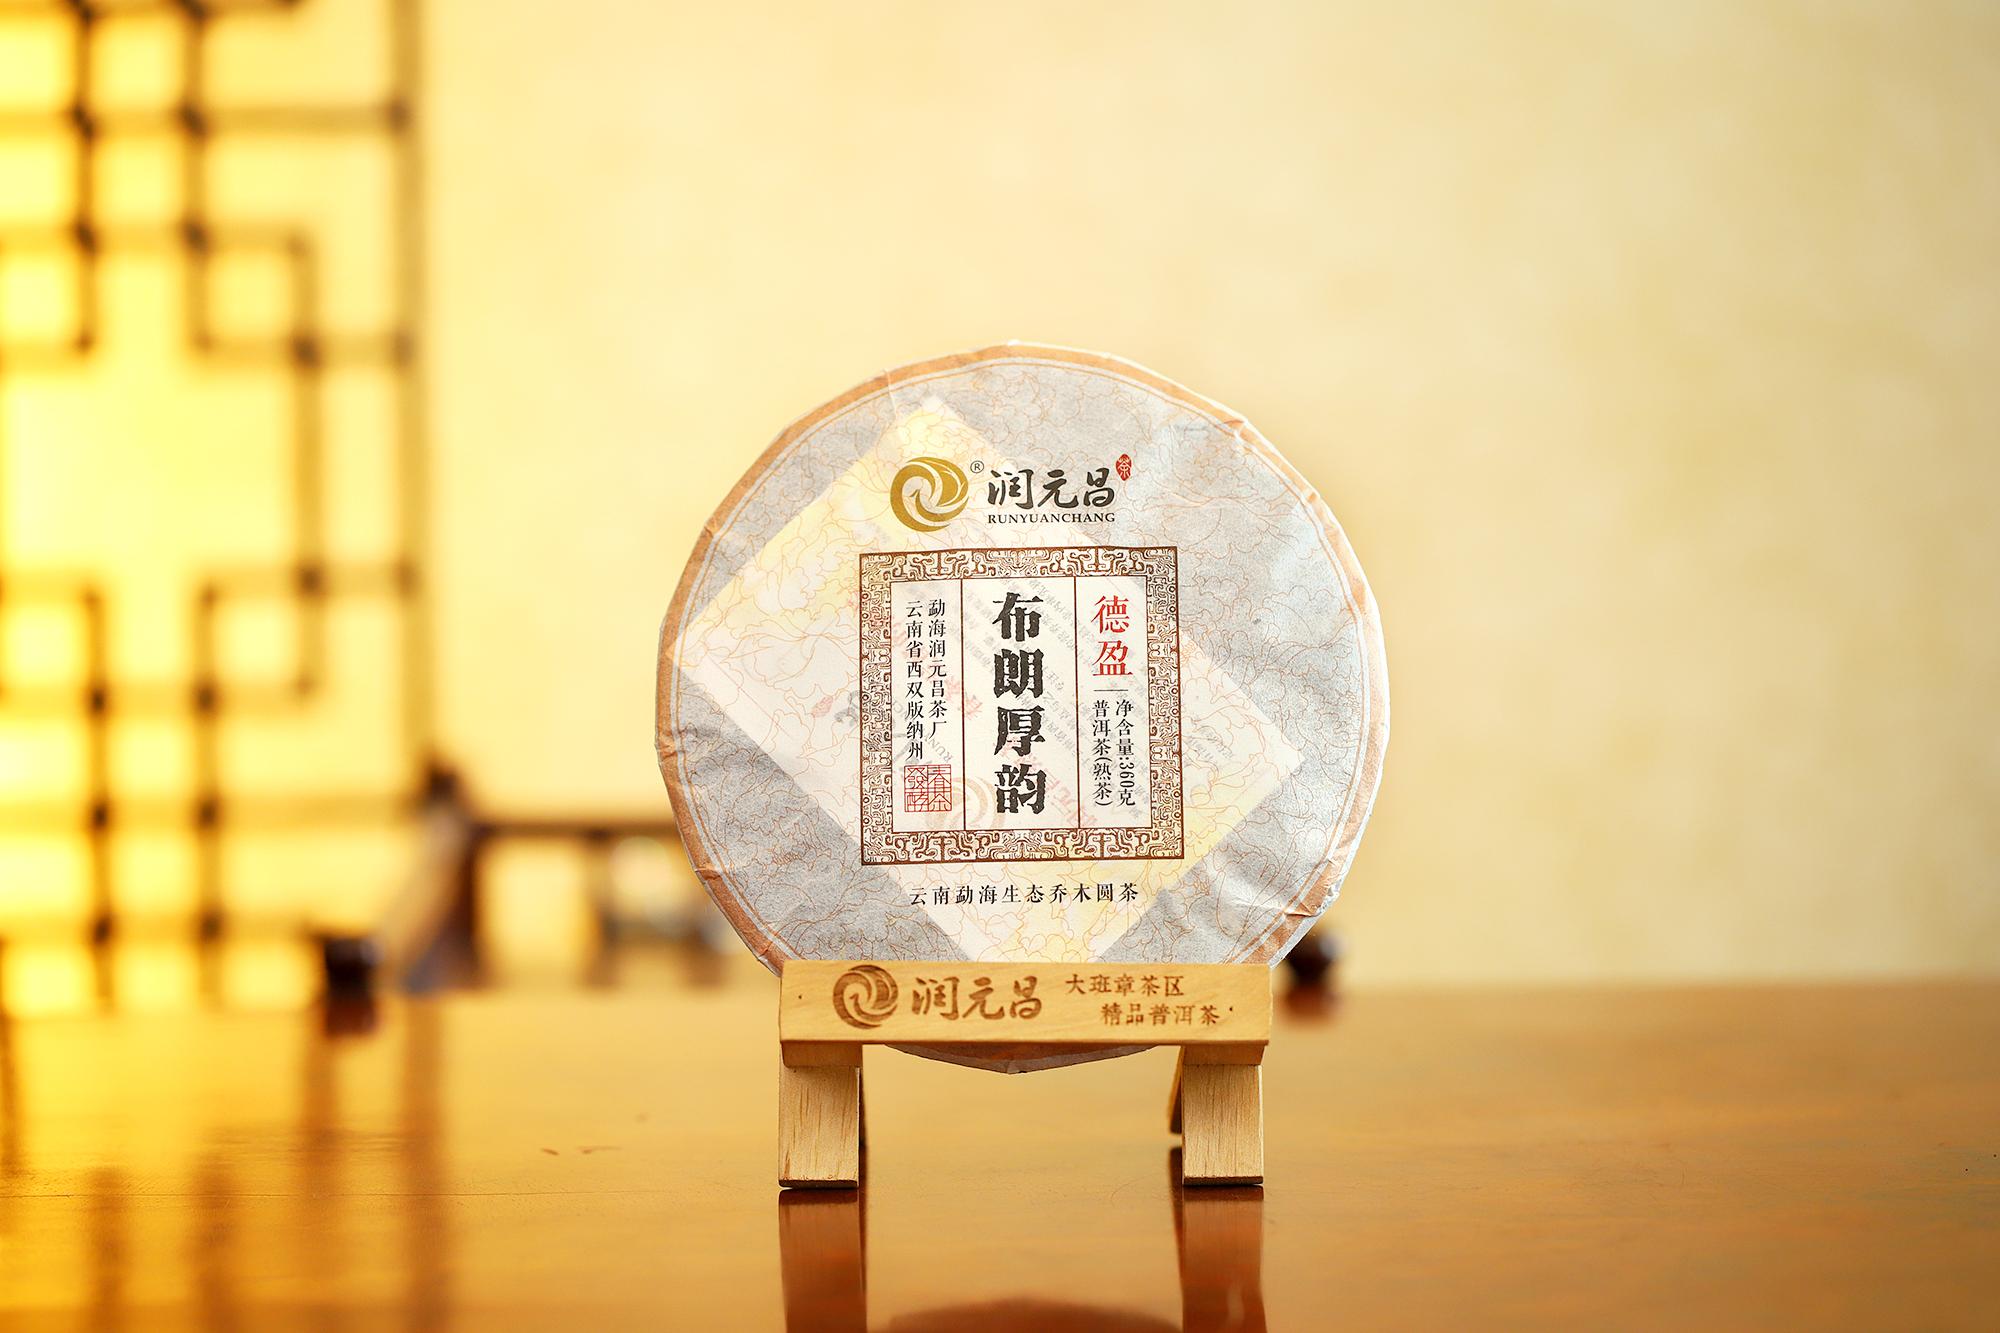 潤元昌2018年布朗厚韻普洱熟茶